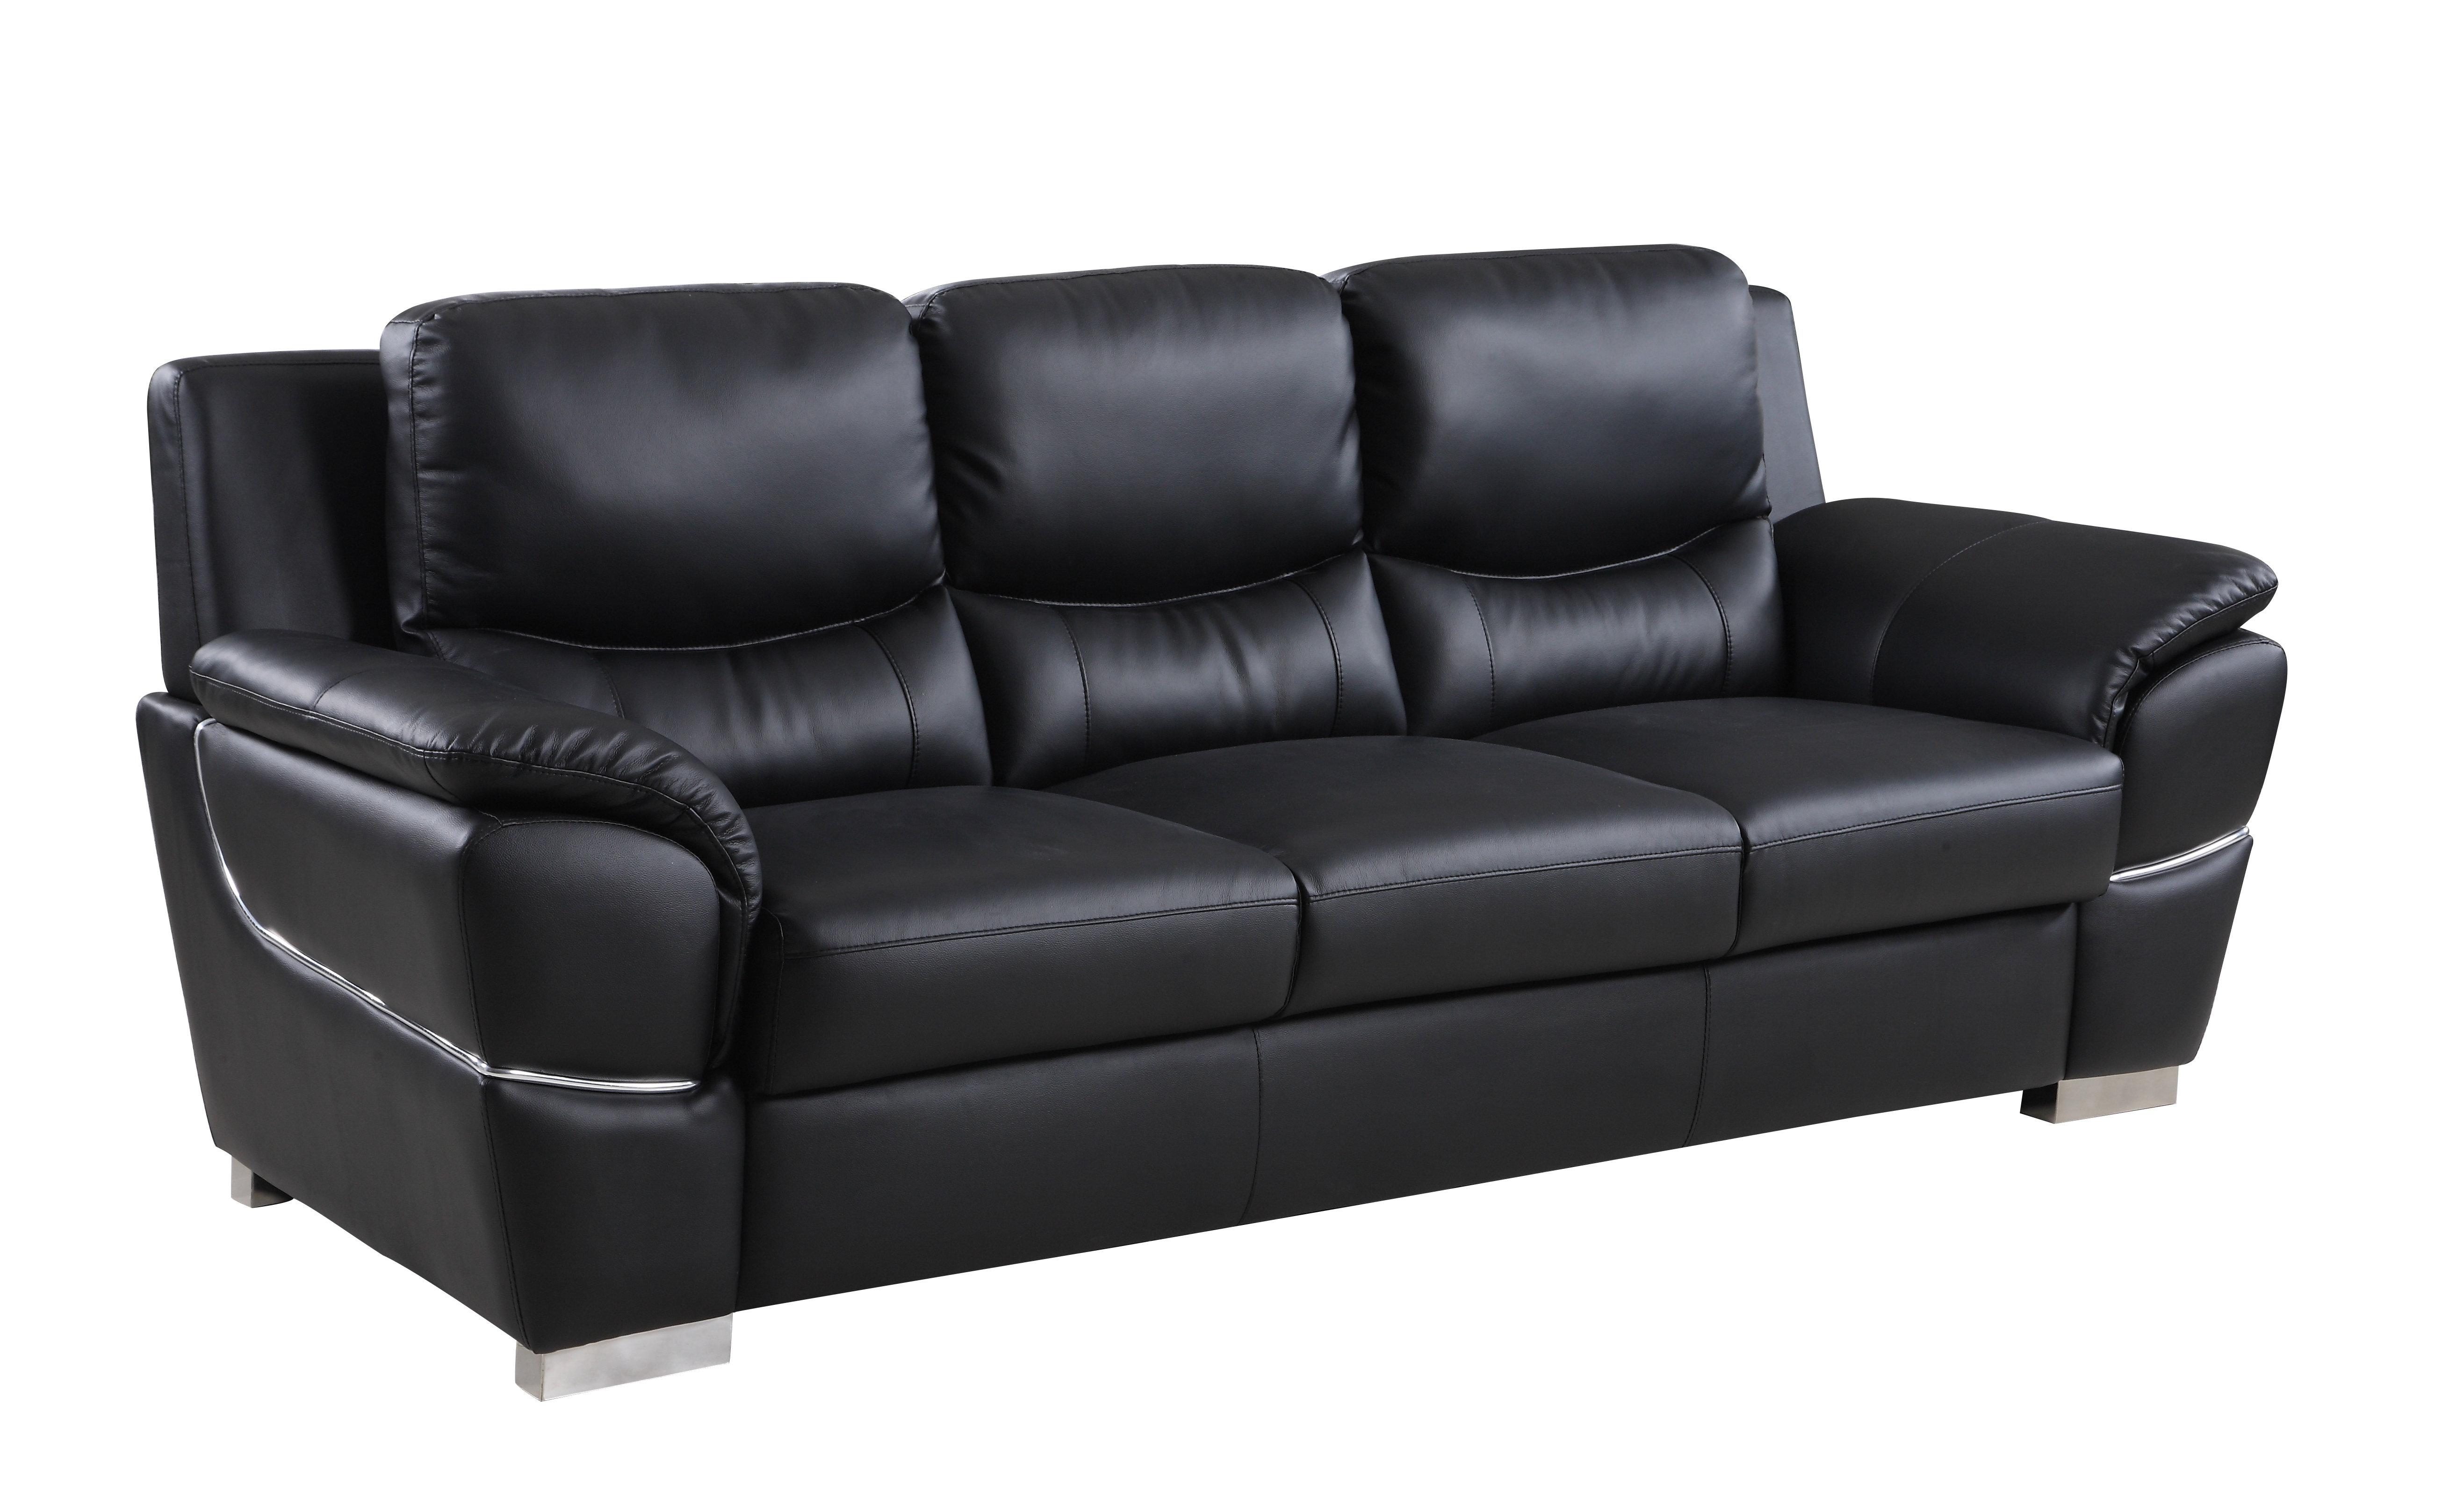 Laude Run Henton Leather Sofa